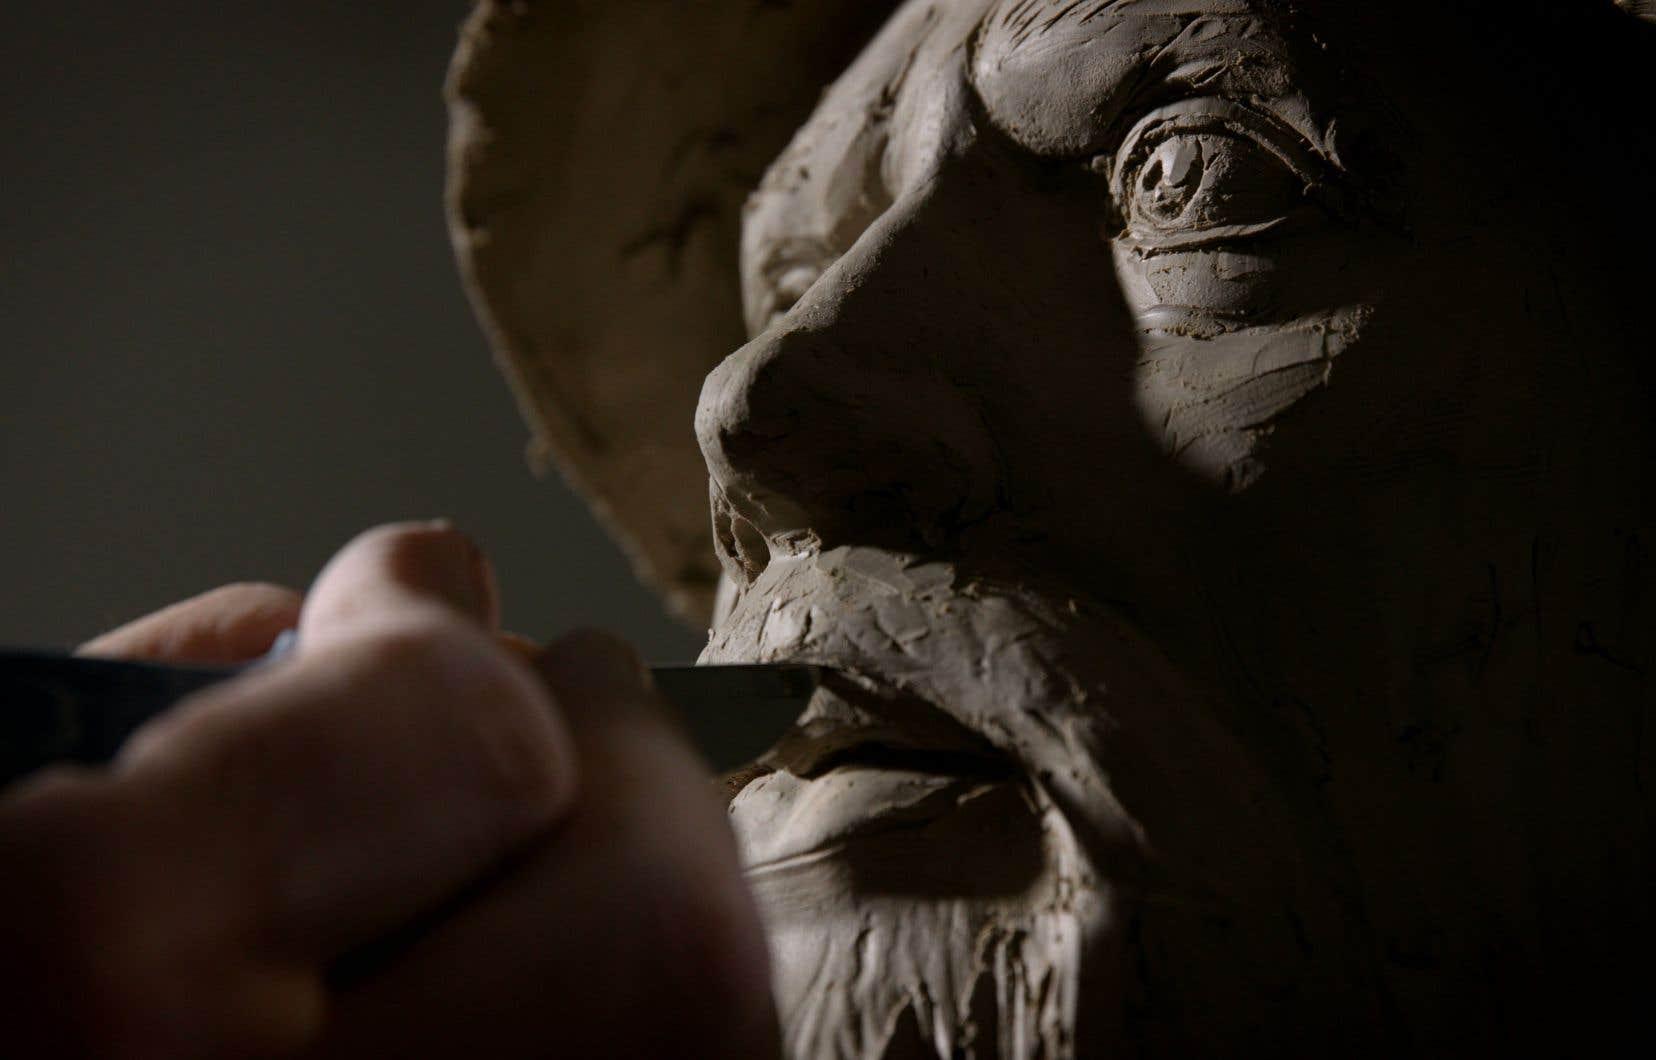 La conclusion de l'enquête du documentaire sur Léonard de Vinci n'est pas sans équivoque, mais elle donne tout de même le goût de (re)visiter l'œuvre immense de cet homme d'exception.